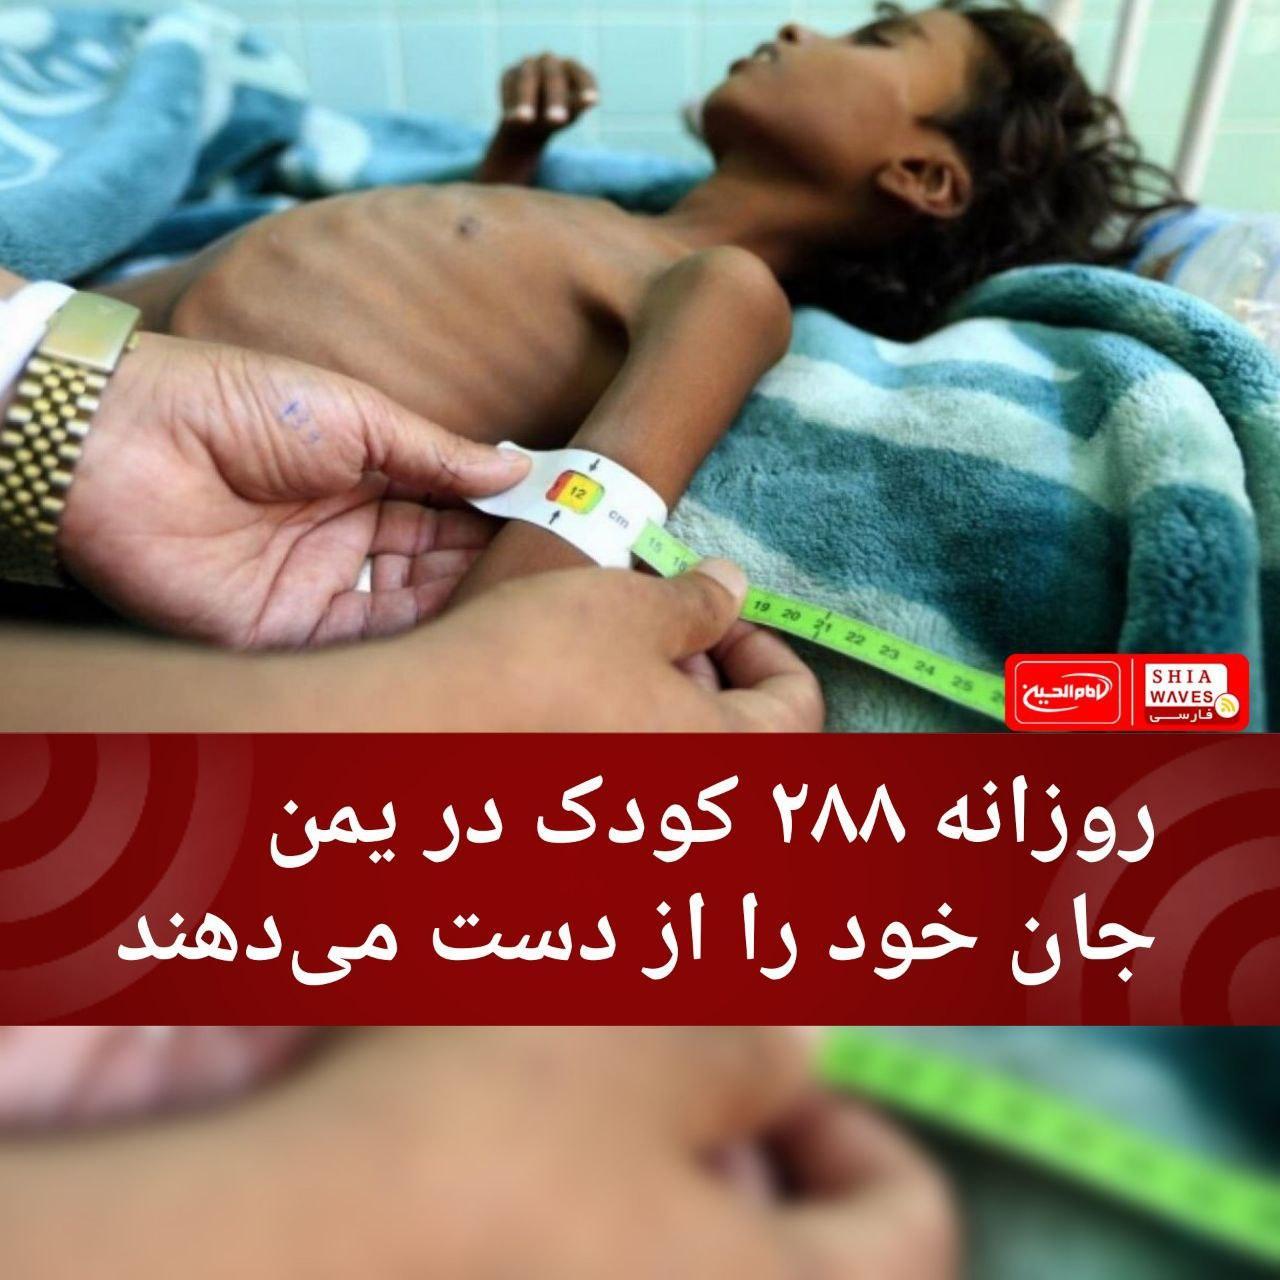 تصویر روزانه ۲۸۸ کودک در یمن جان خود را از دست میدهند